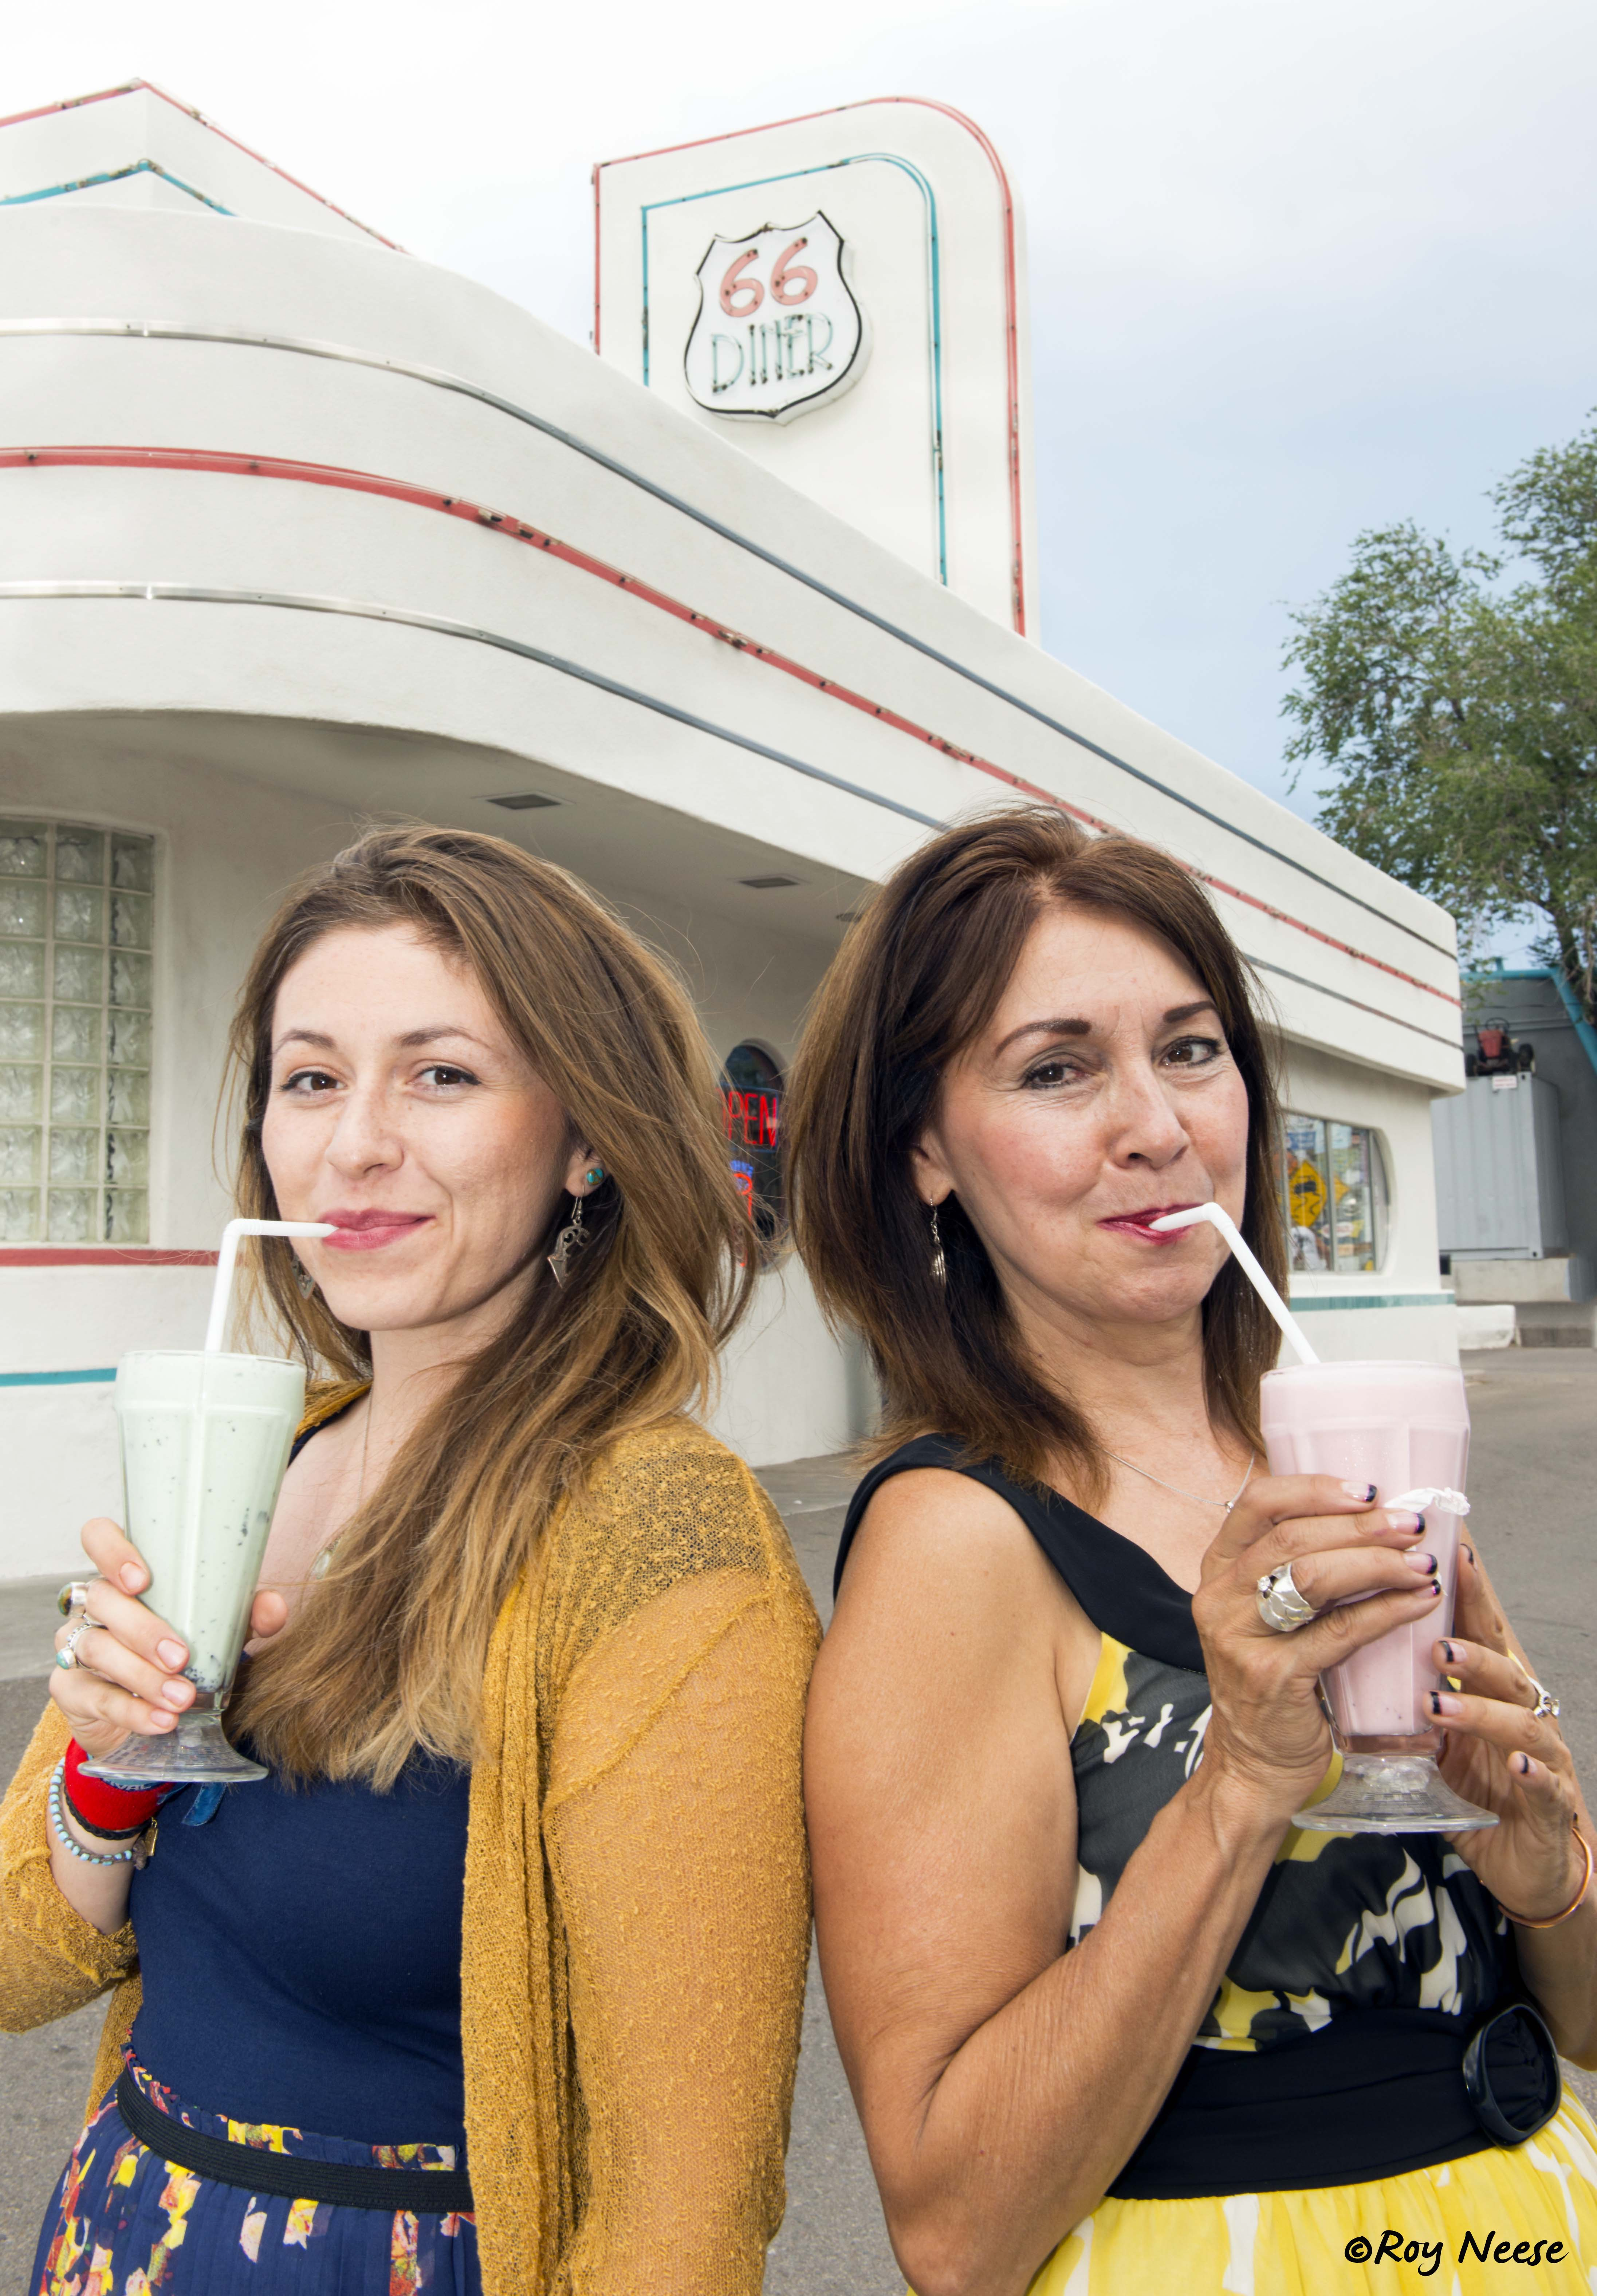 Route 66 Diner Milkshakes in Albuquerque